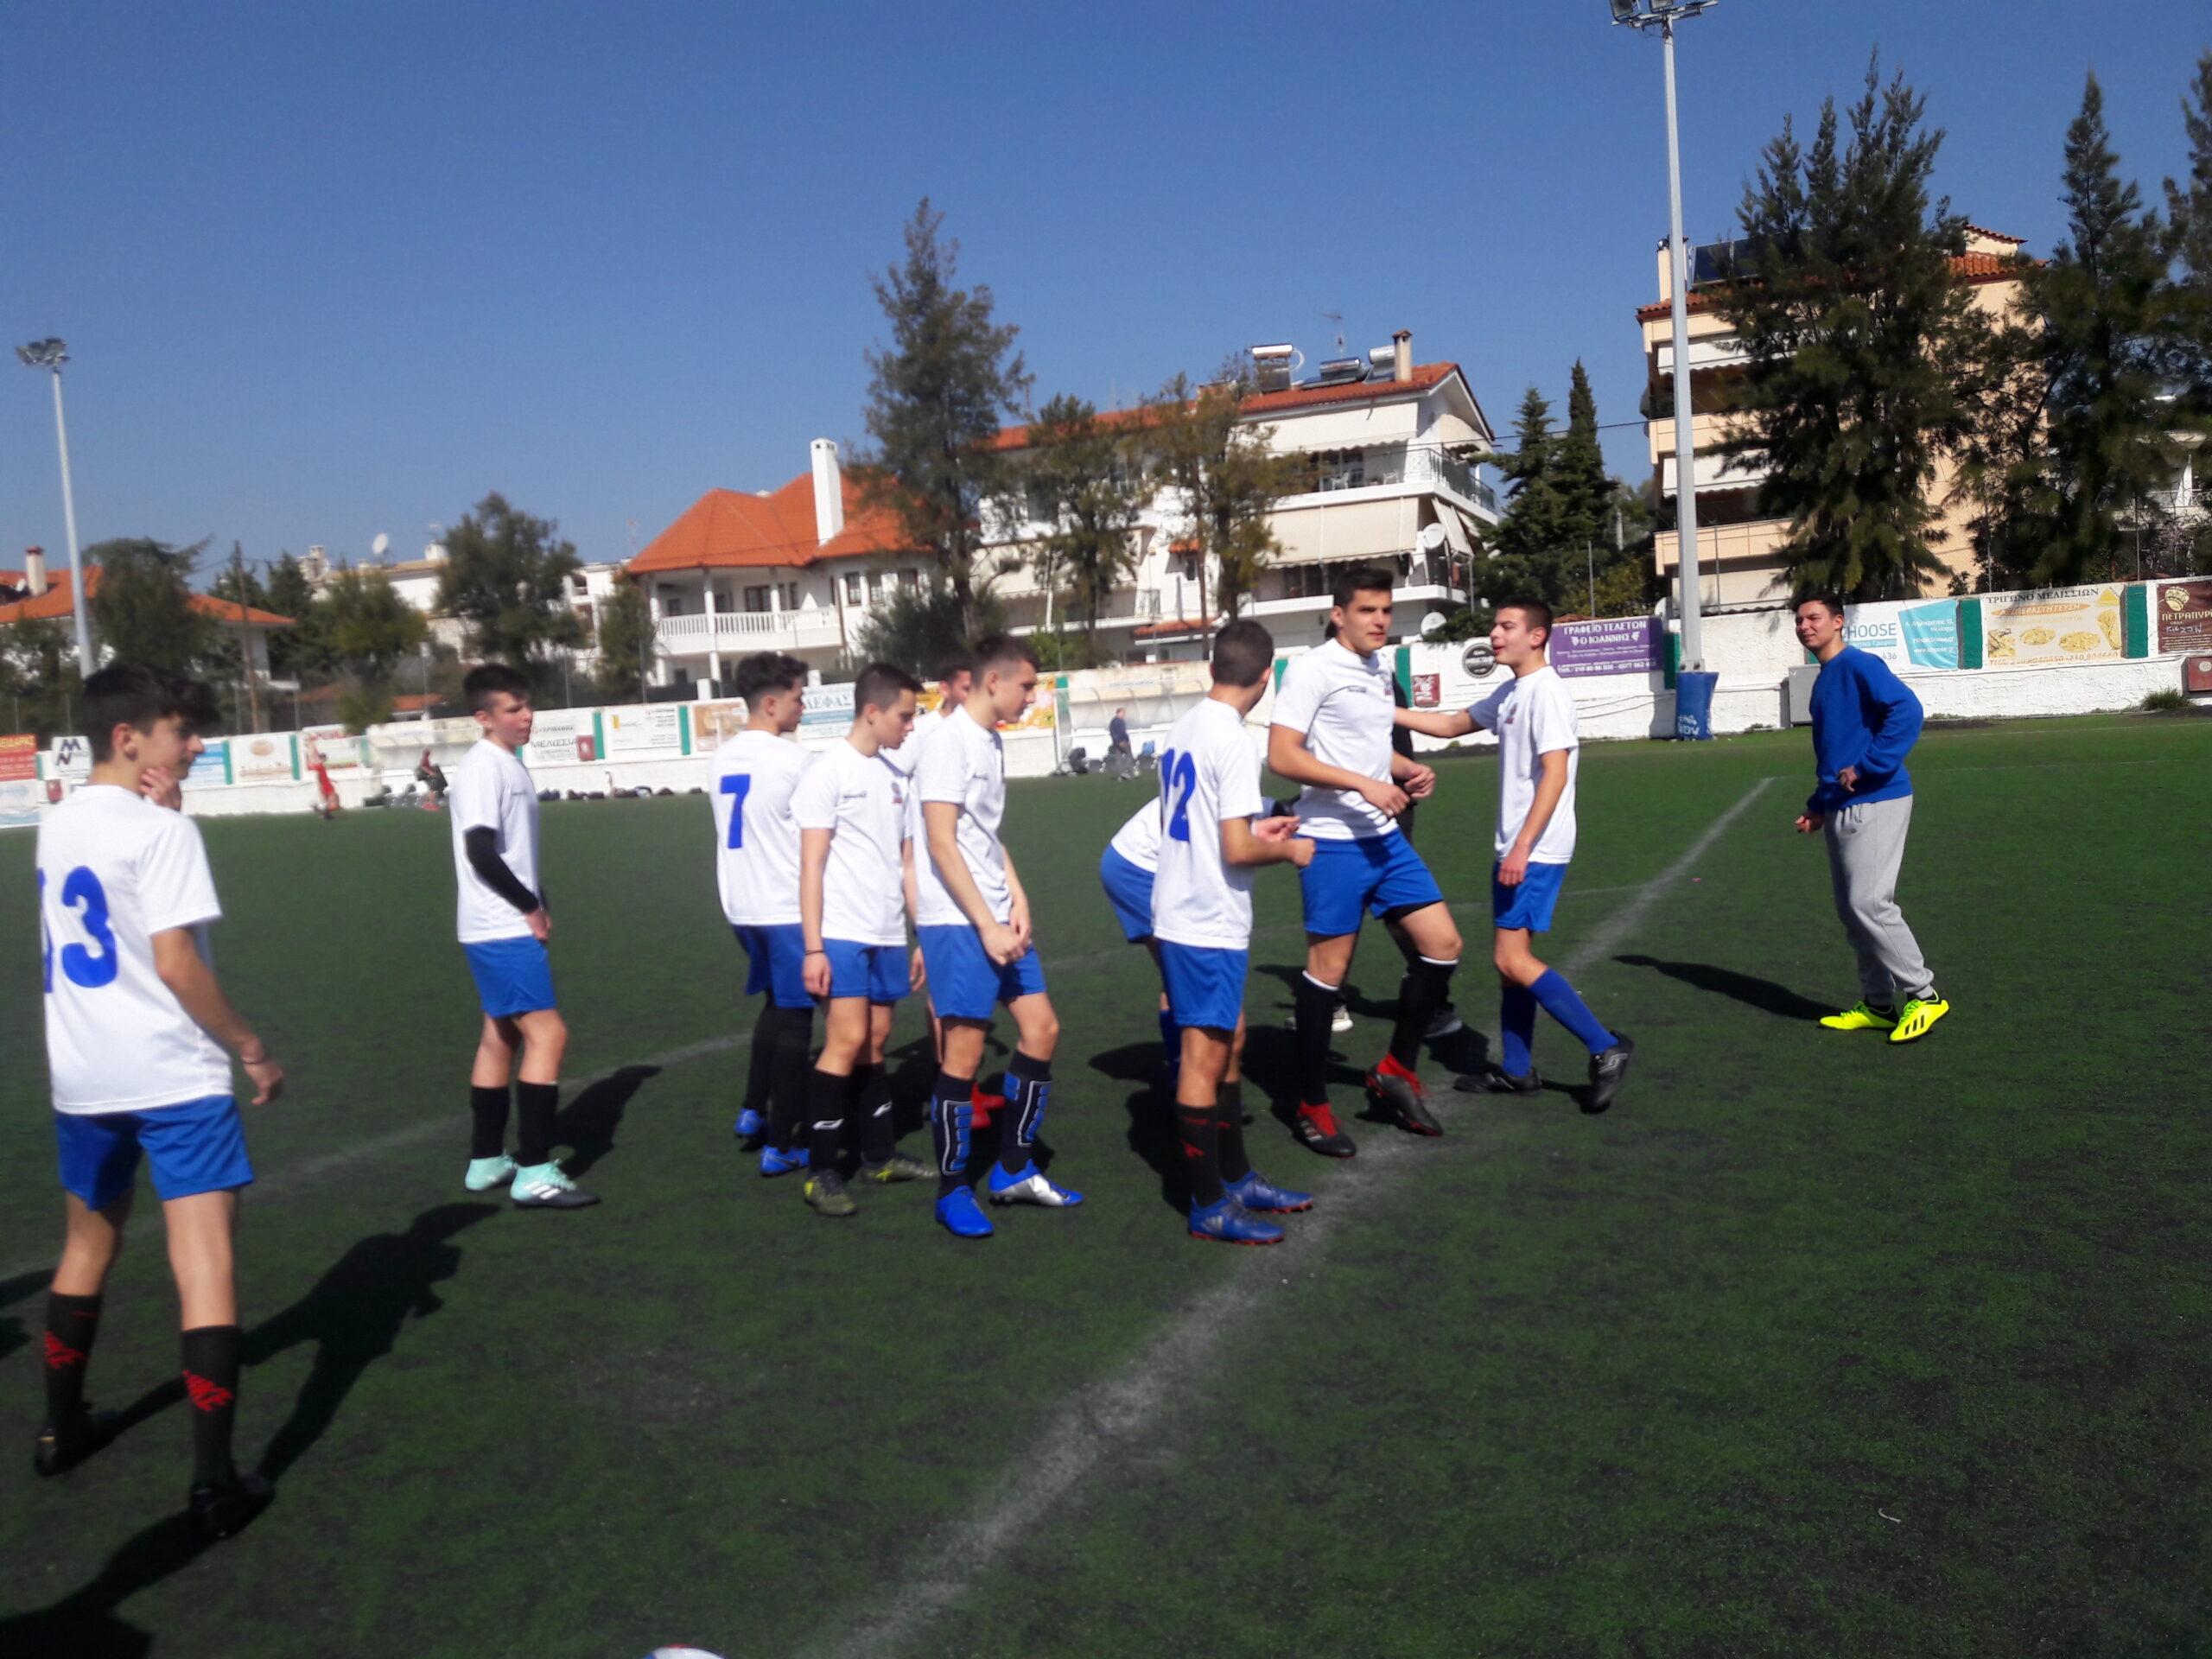 Από τον αγώνα του ποδοσφαίρου